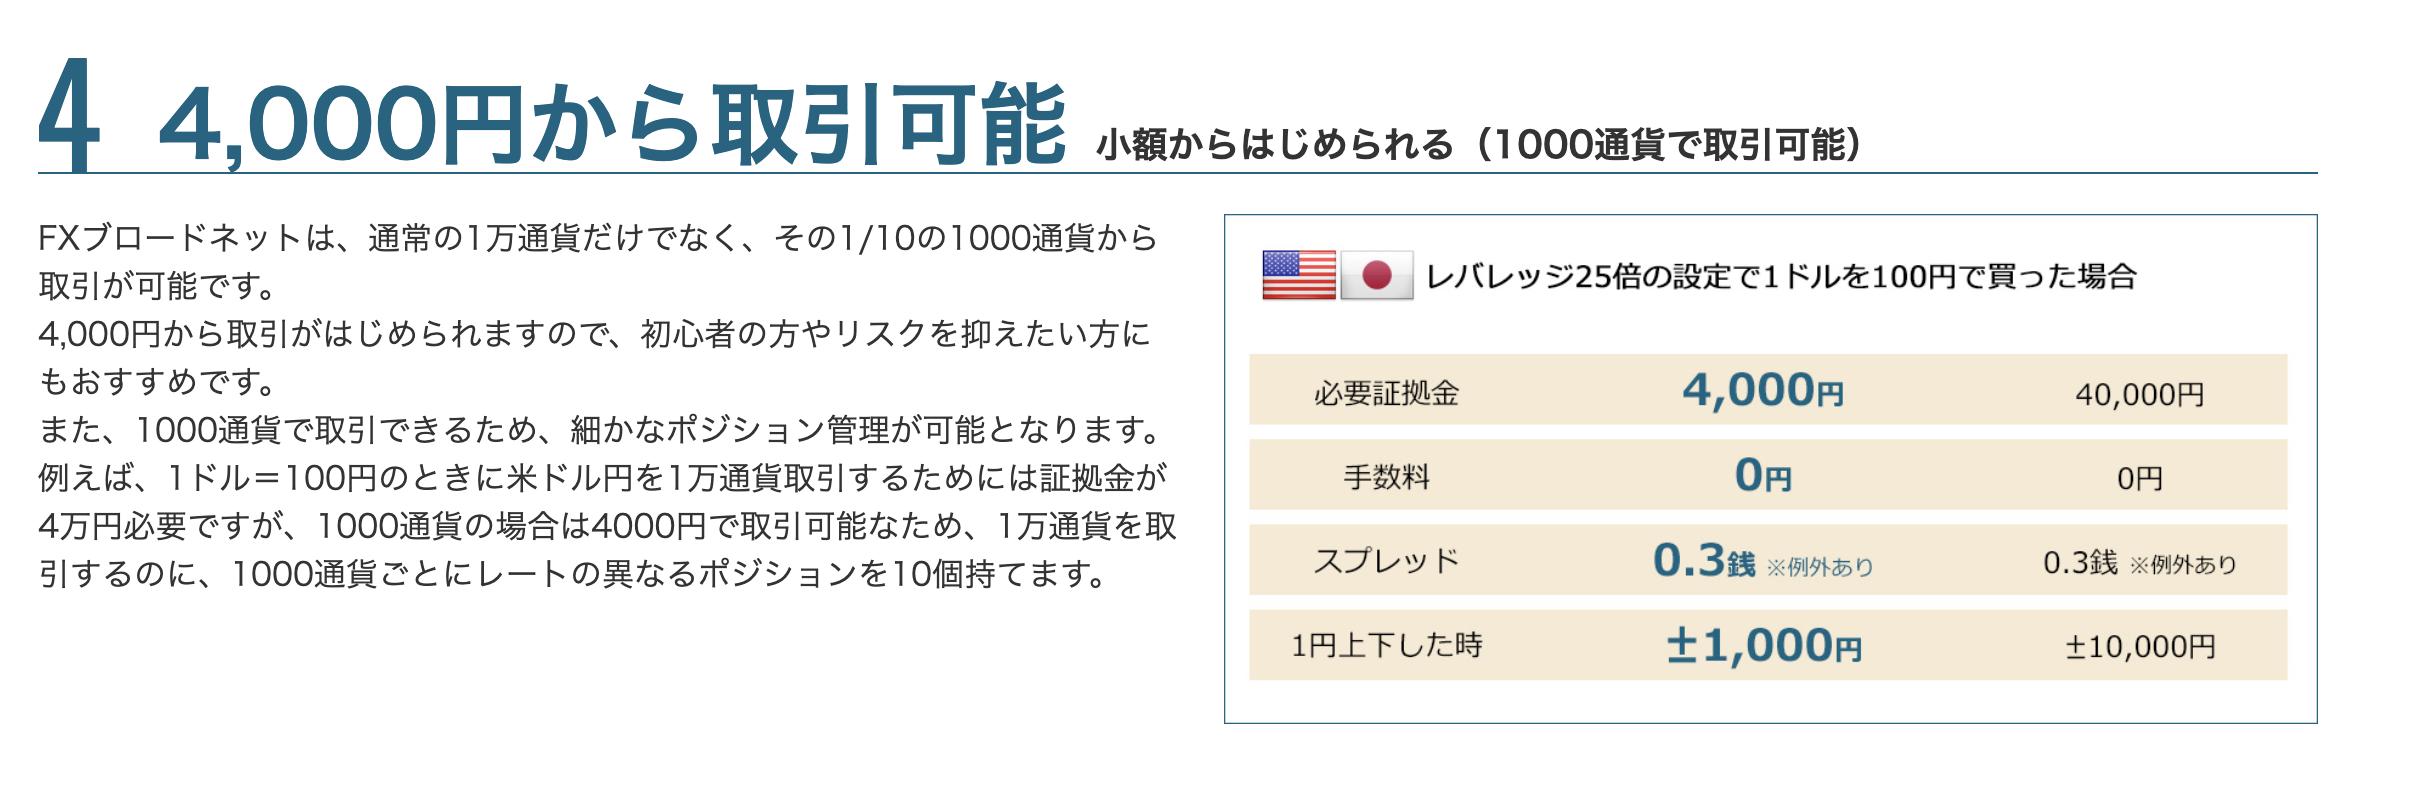 1000通貨から取引が可能